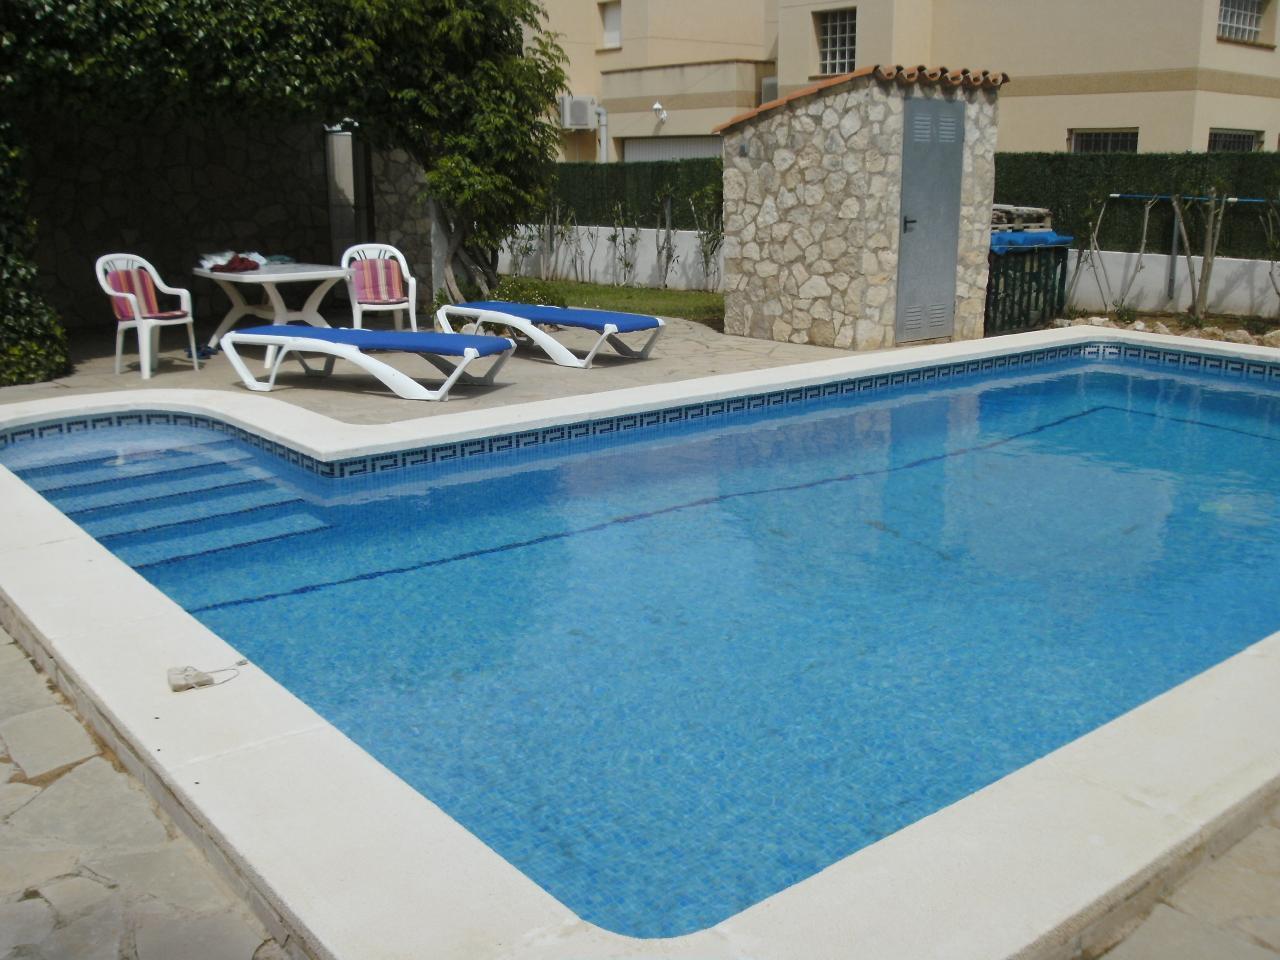 Ferienhaus mit WiFi Privat-Pool ohne Einsicht gute Preise (1901111), L'Ametlla de Mar, Costa Dorada, Katalonien, Spanien, Bild 6